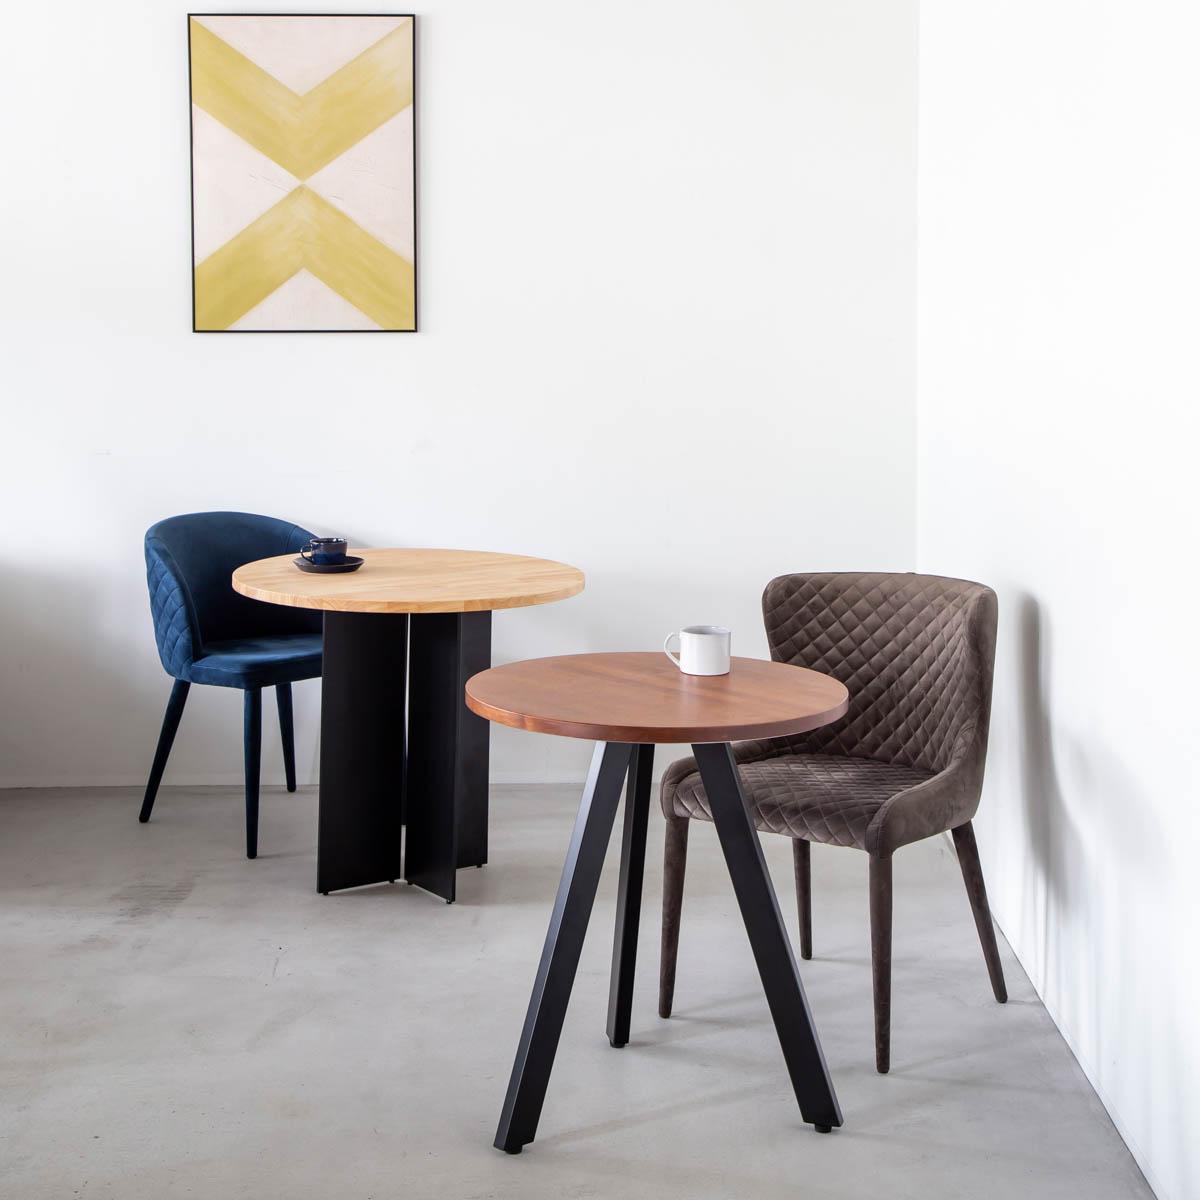 かなでもの - 「金物家具のかなでもの」は、自社企画の様々な金属脚と、杉無垢材、桧、唐松など天然木の天板を組み合わせたテーブルを中心に、シンプルで普遍的、洗練されたデザインのインテリアプロダクトをオンラインで販売しています。空間に自在に合わせられるよう手軽にカスタマイズできるのが特徴です。